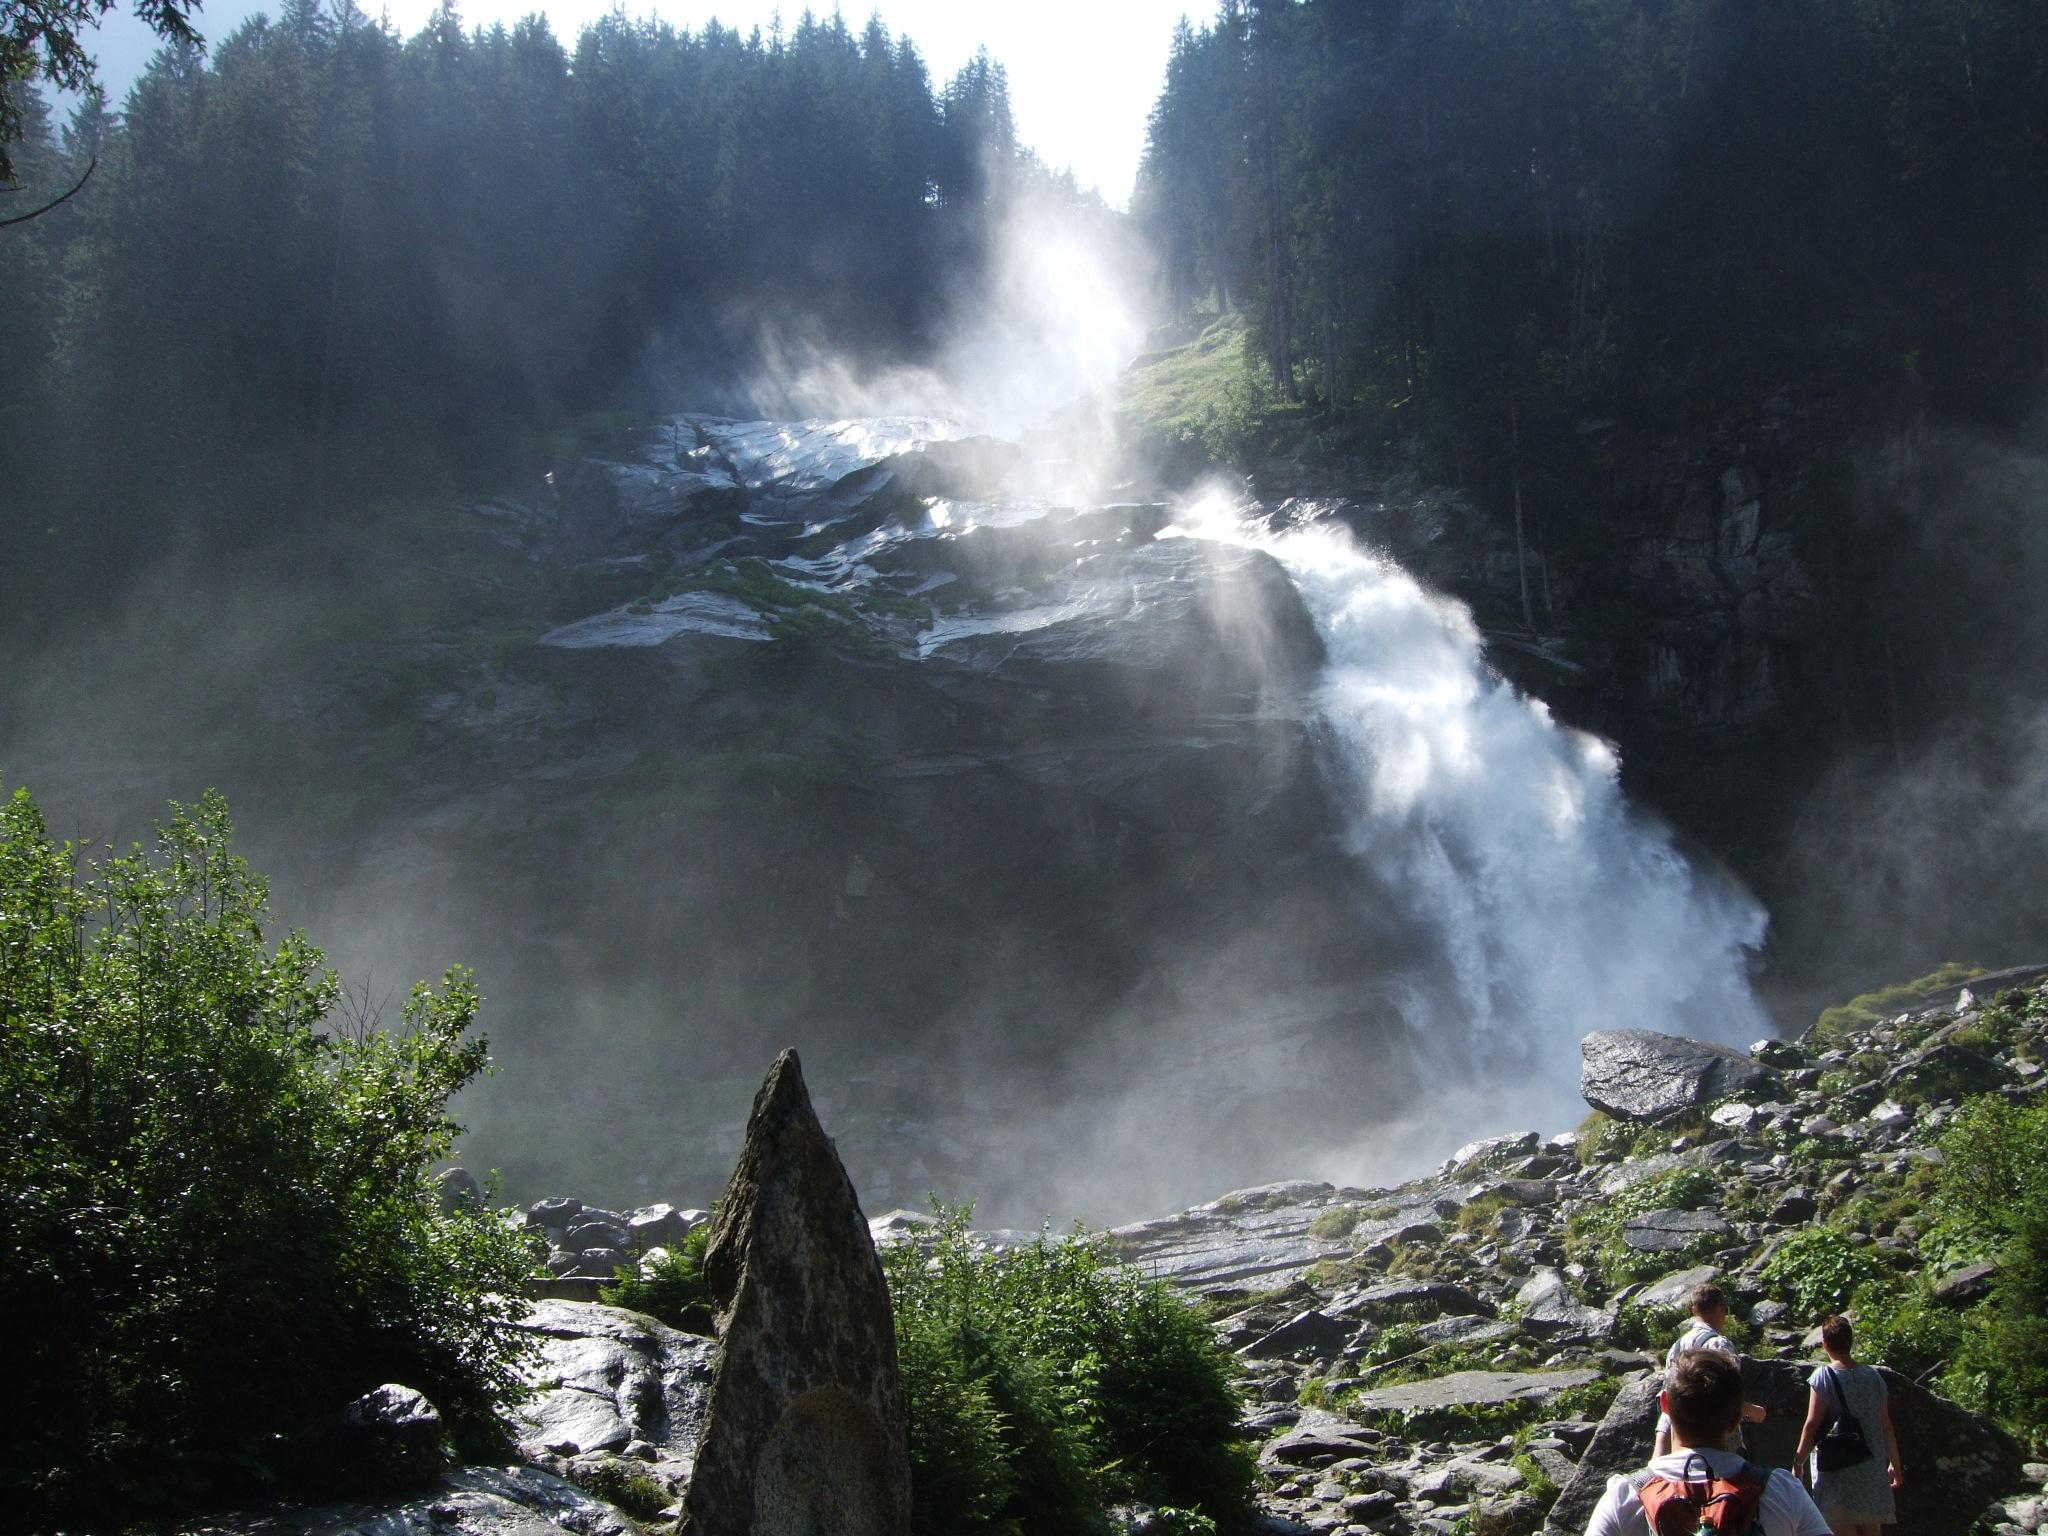 Krimmler Wasserfälle by sverreklein